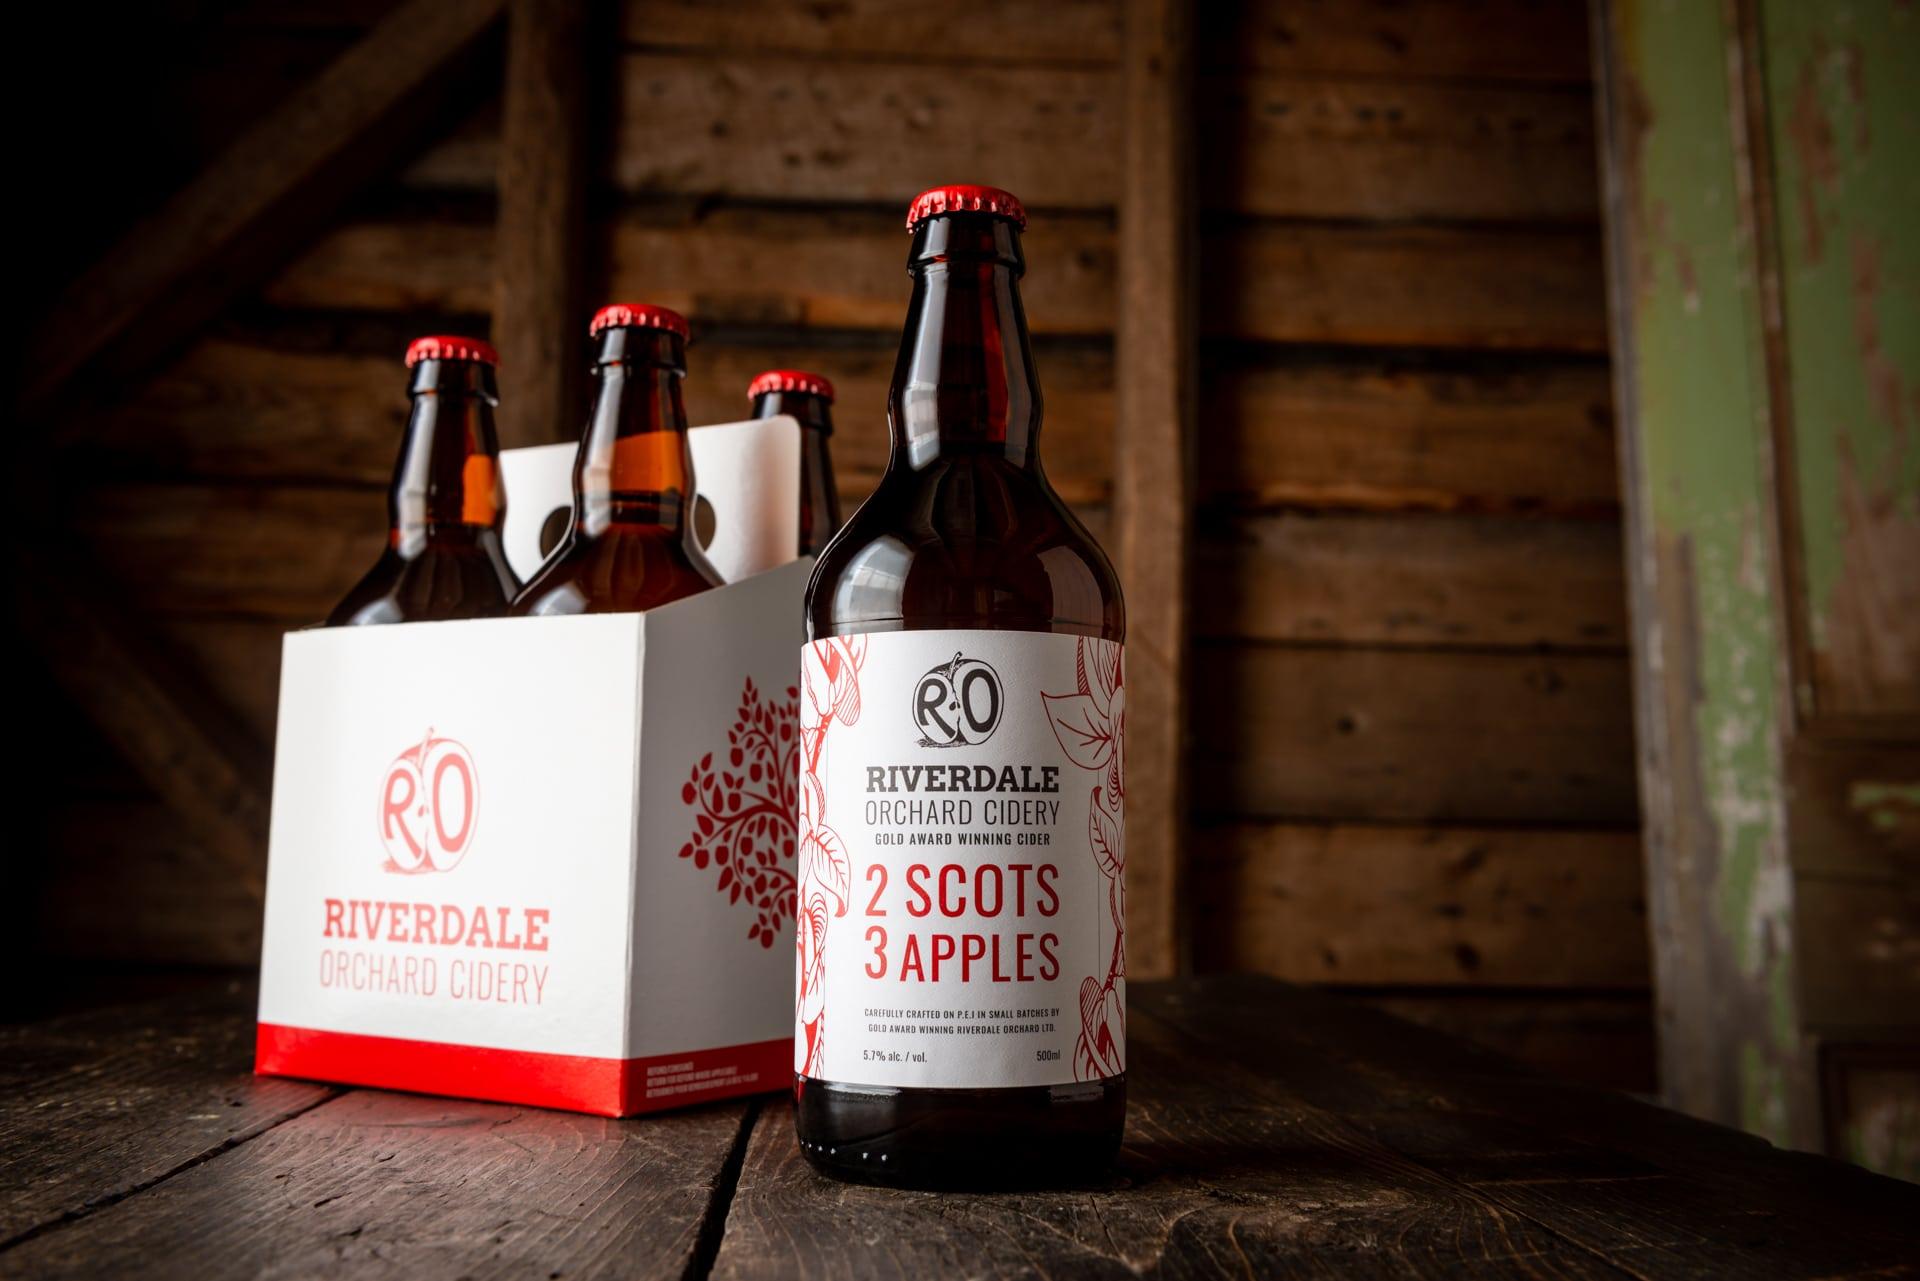 Riverdale Orchard Cider